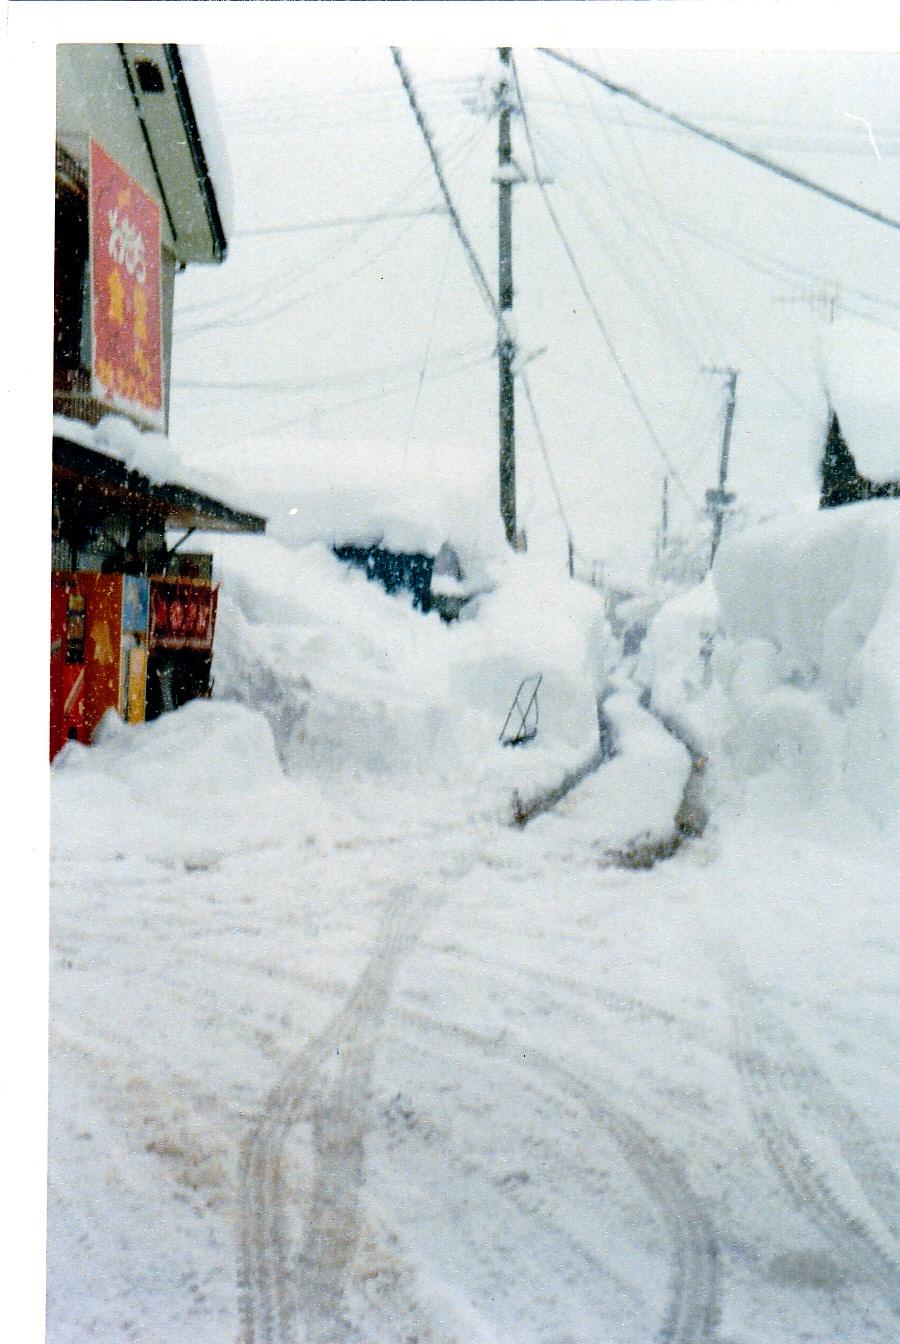 昭和56~59 津南駅周辺 10 - 真の日本一の豪雪地帯、松之山町からの雪ヲタによる実況と配信とか